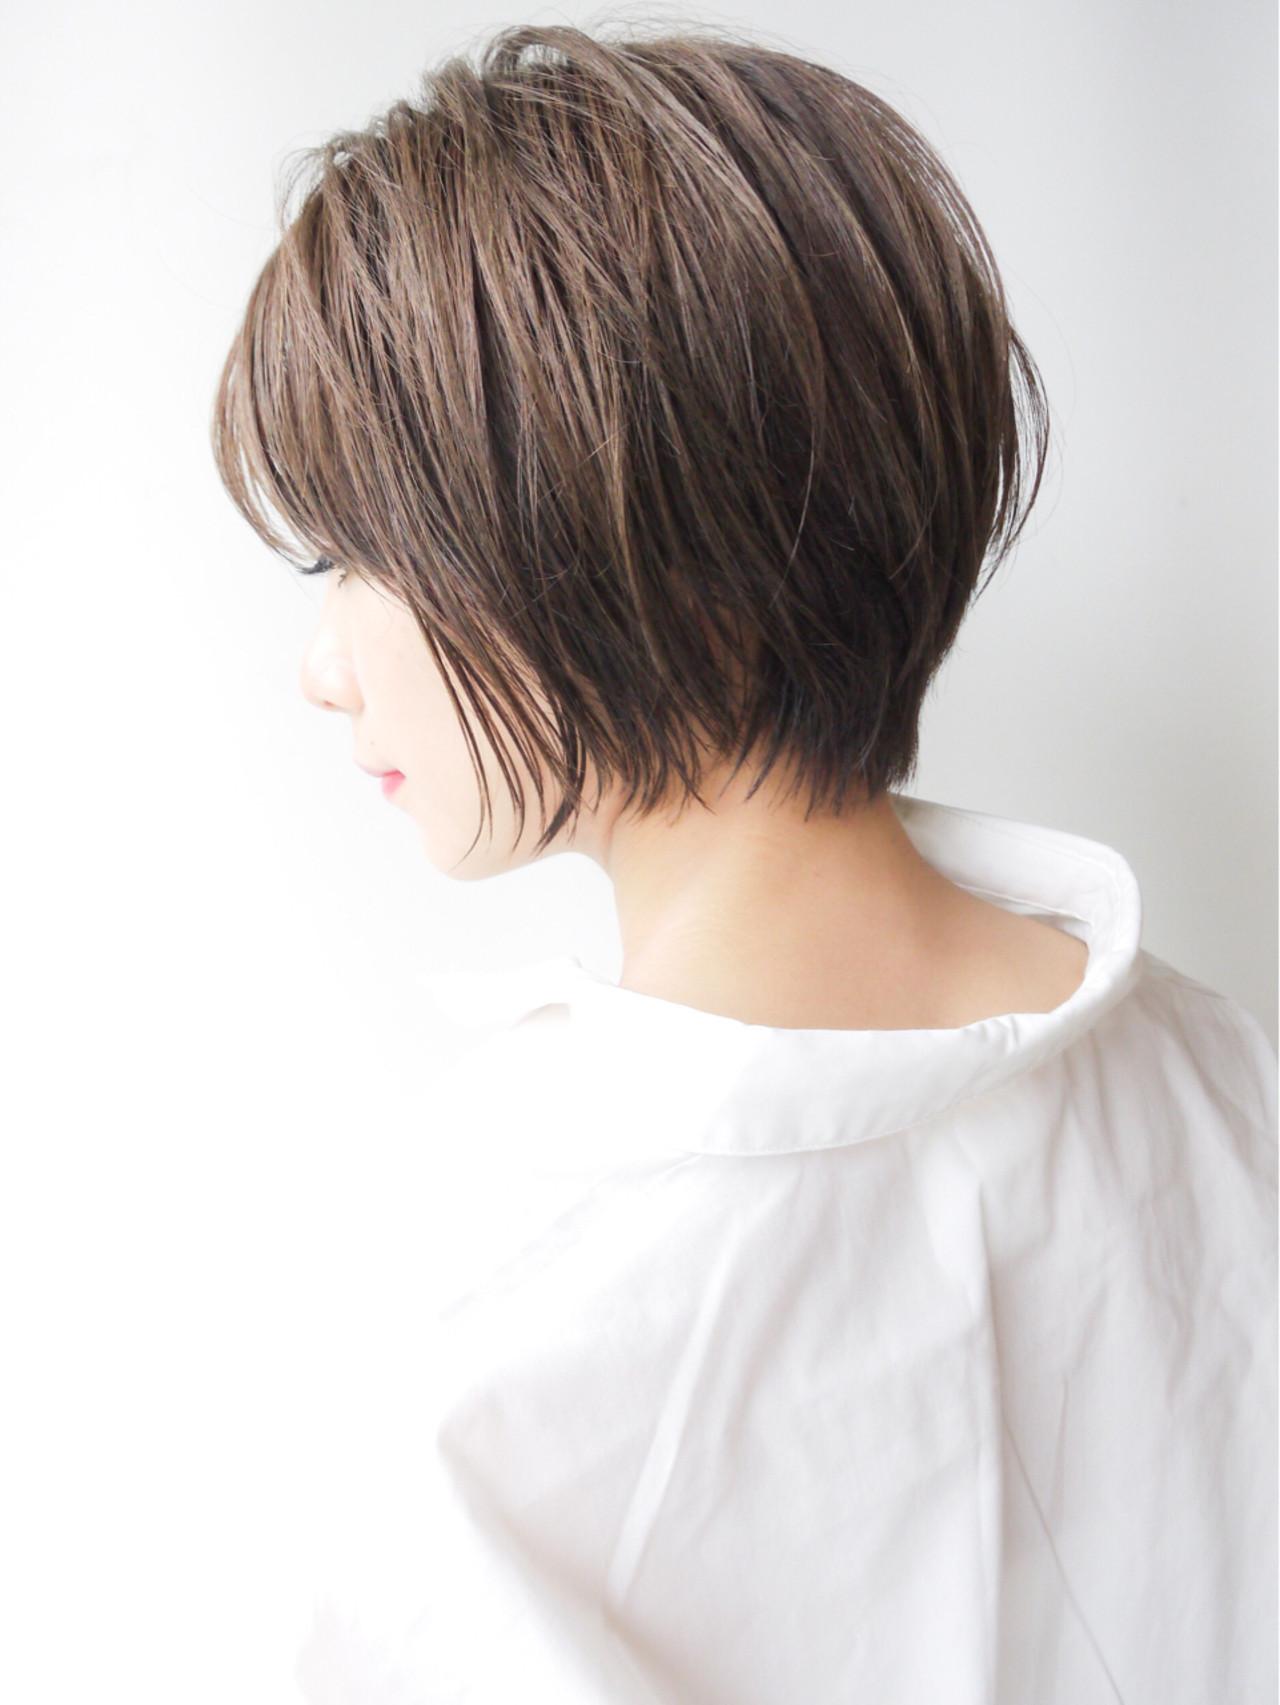 オフィス 大人かわいい ショート 愛され ヘアスタイルや髪型の写真・画像 | HIROKI / roijir / roijir